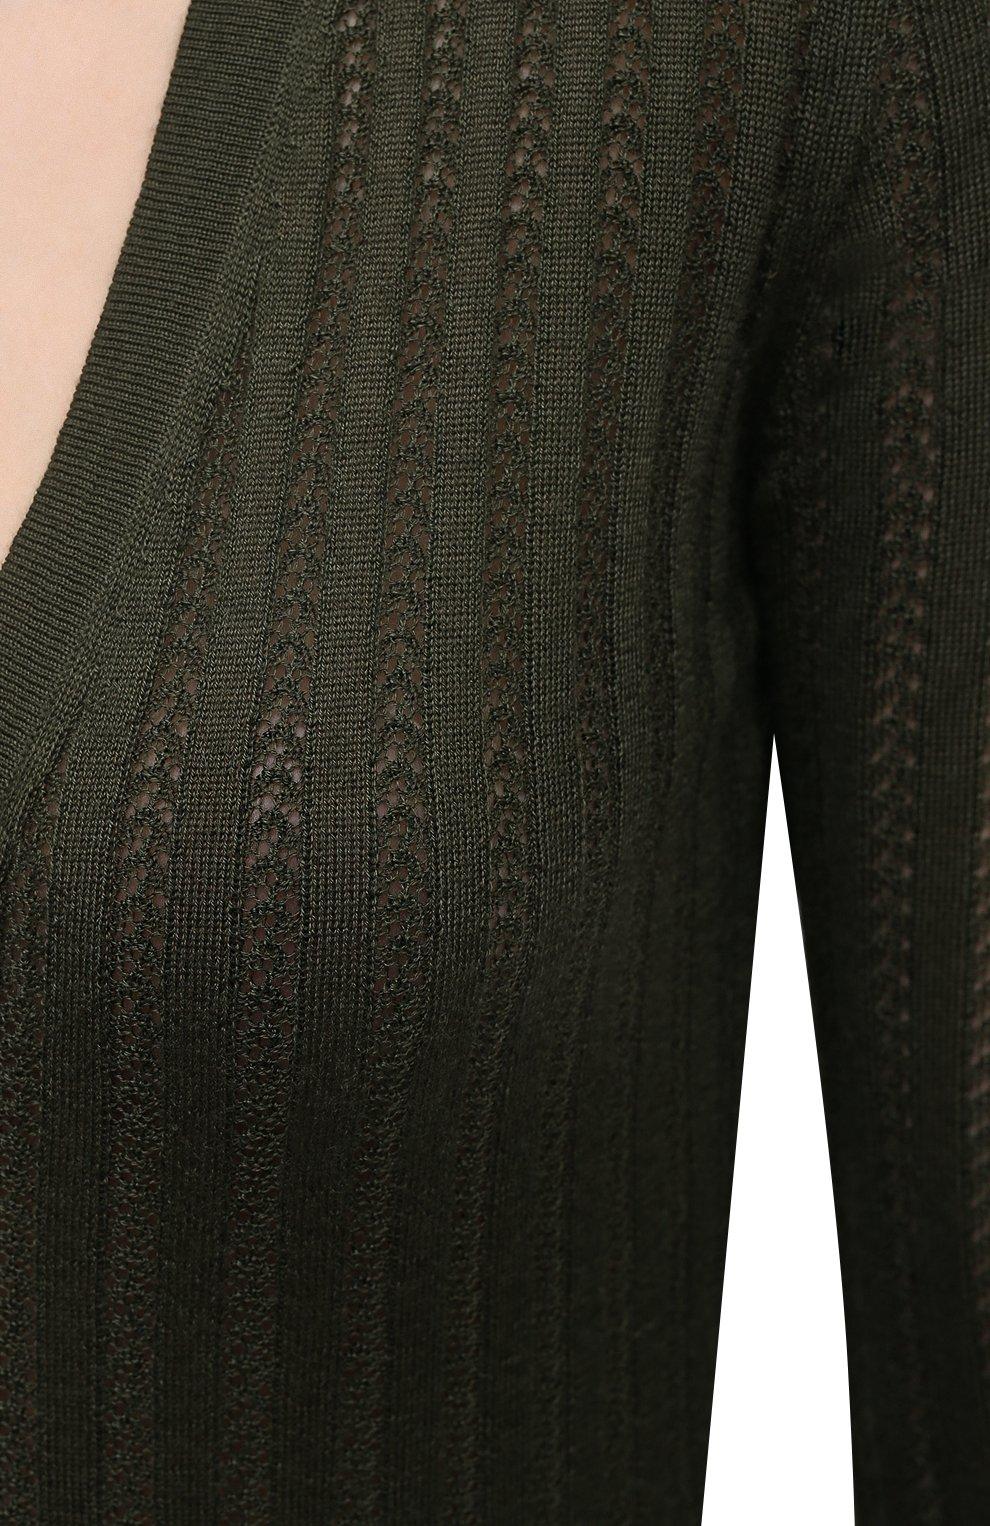 Женский кардиган из кашемира и шелка GABRIELA HEARST хаки цвета, арт. 321904 A003D | Фото 5 (Материал внешний: Шерсть, Шелк, Кашемир; Рукава: Длинные; Длина (для топов): Стандартные; Женское Кросс-КТ: кардиган-трикотаж; Стили: Кэжуэл)